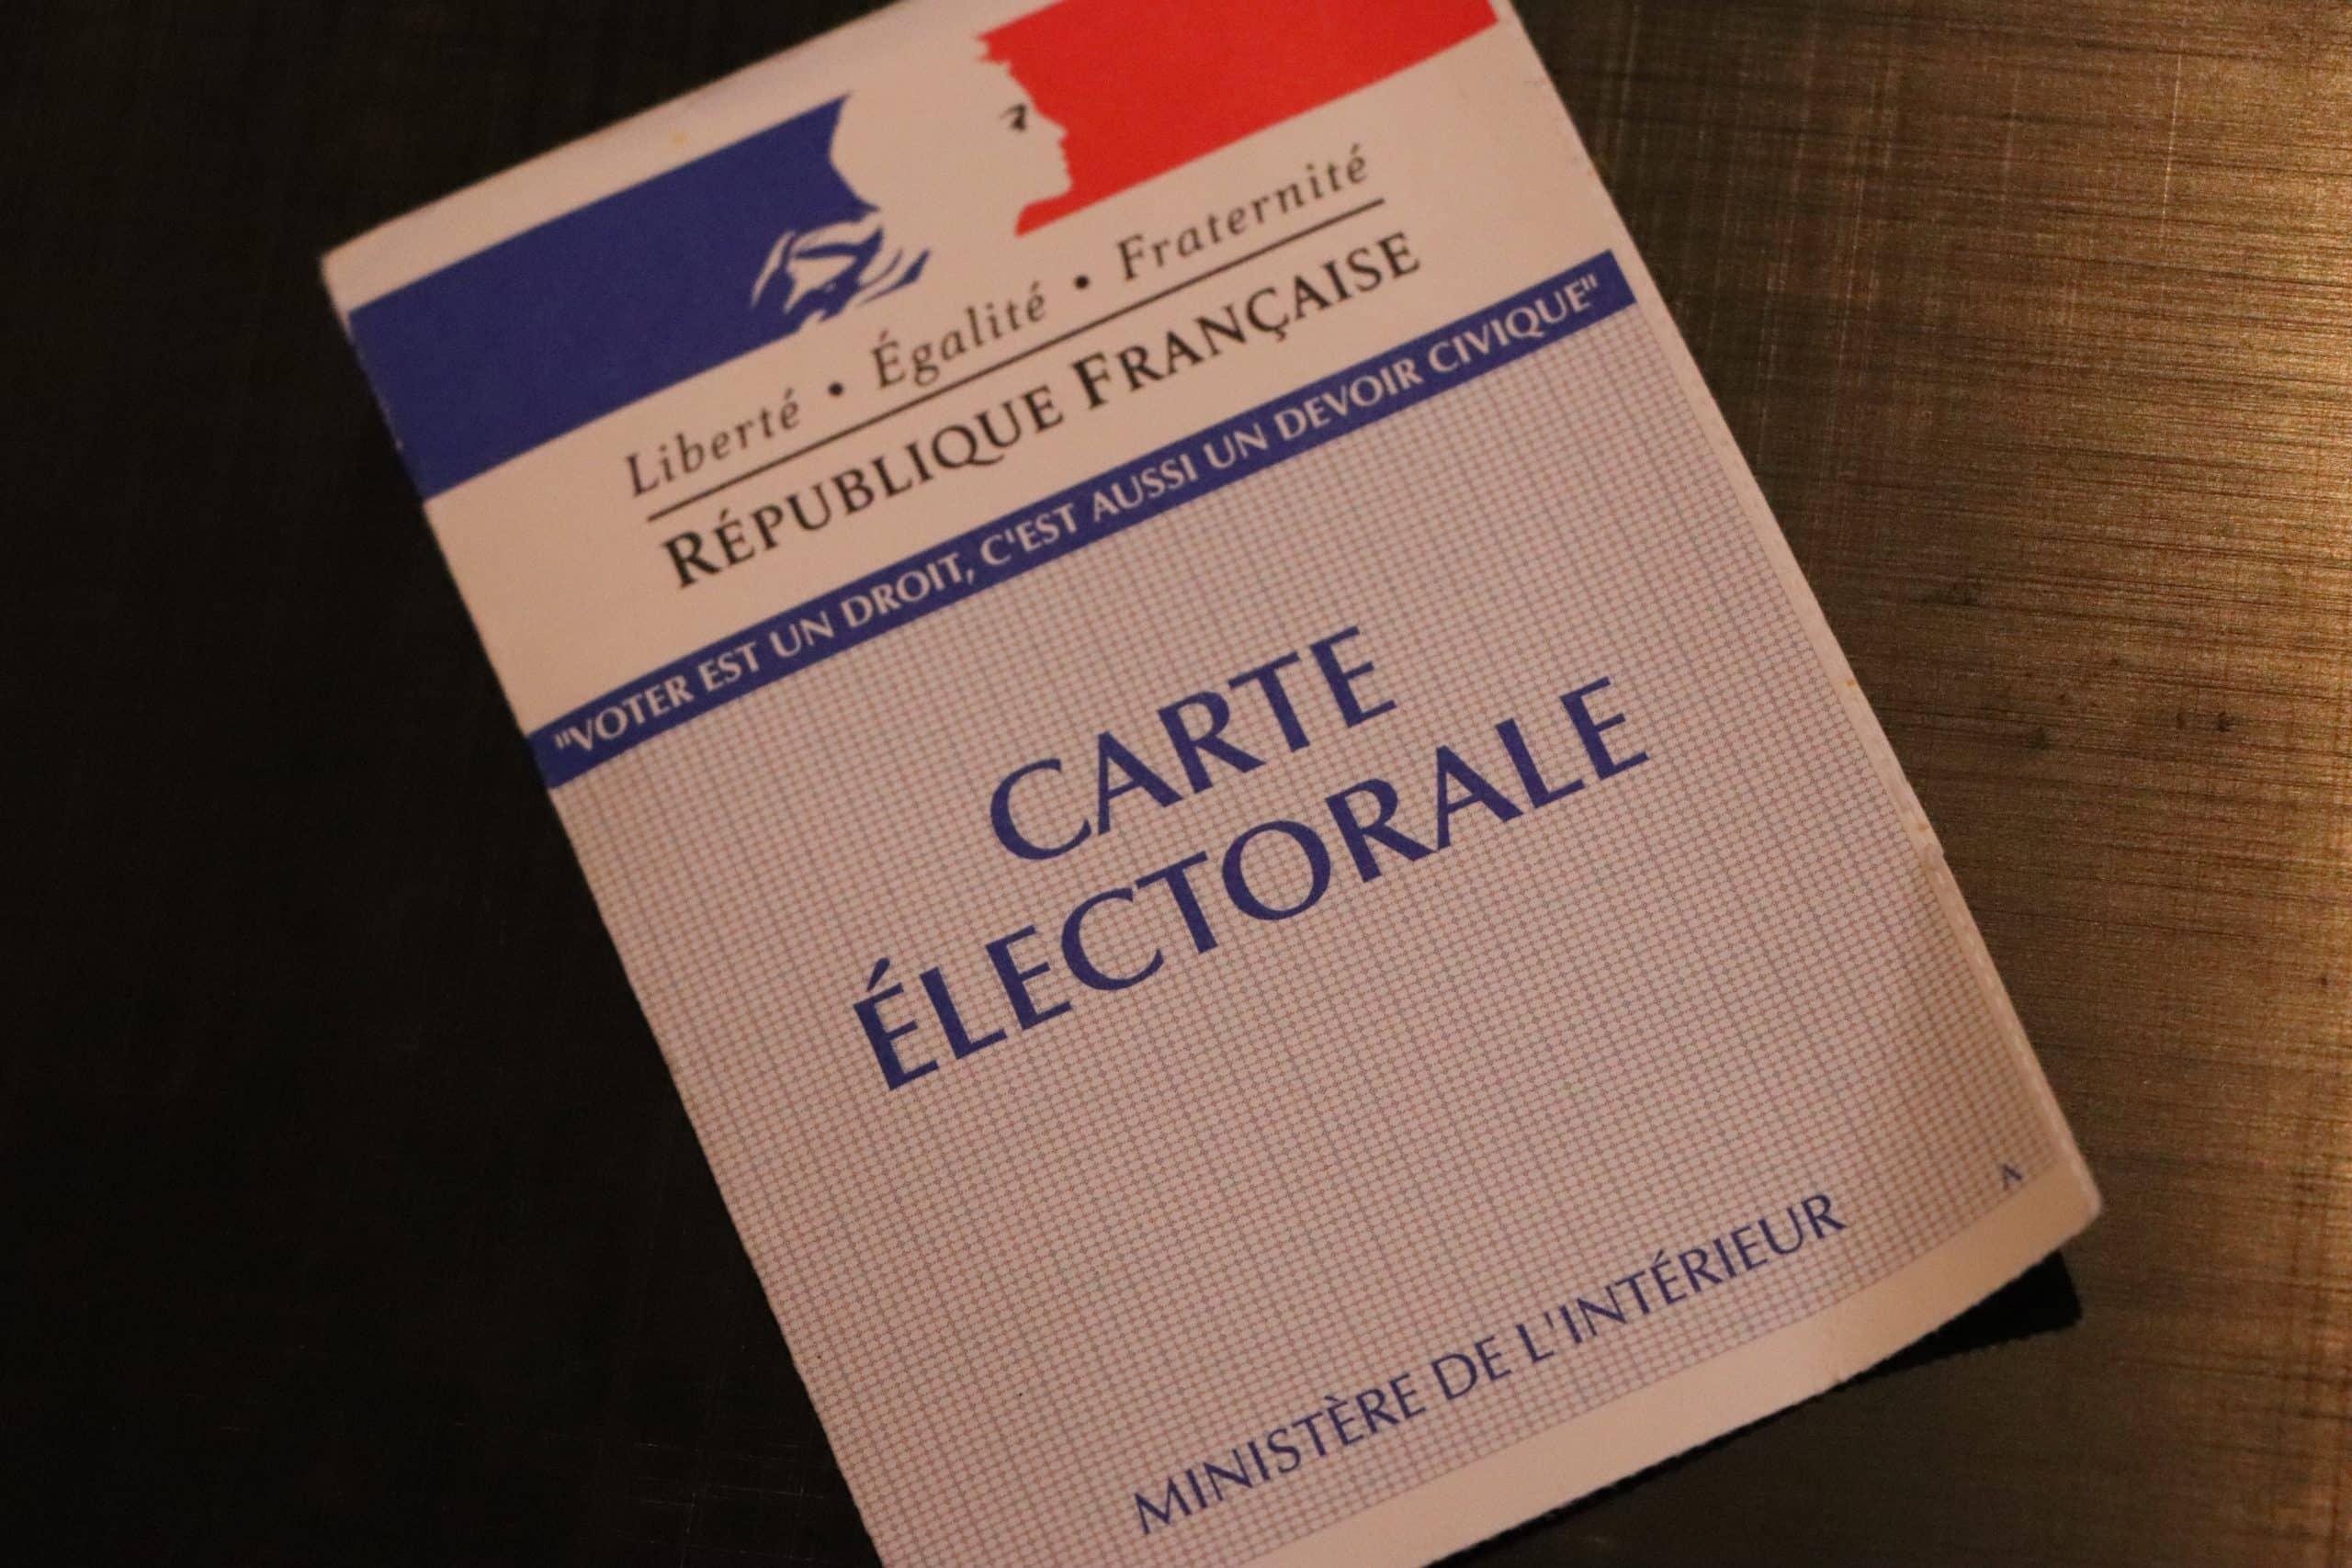 carte-electorale-elections-vote